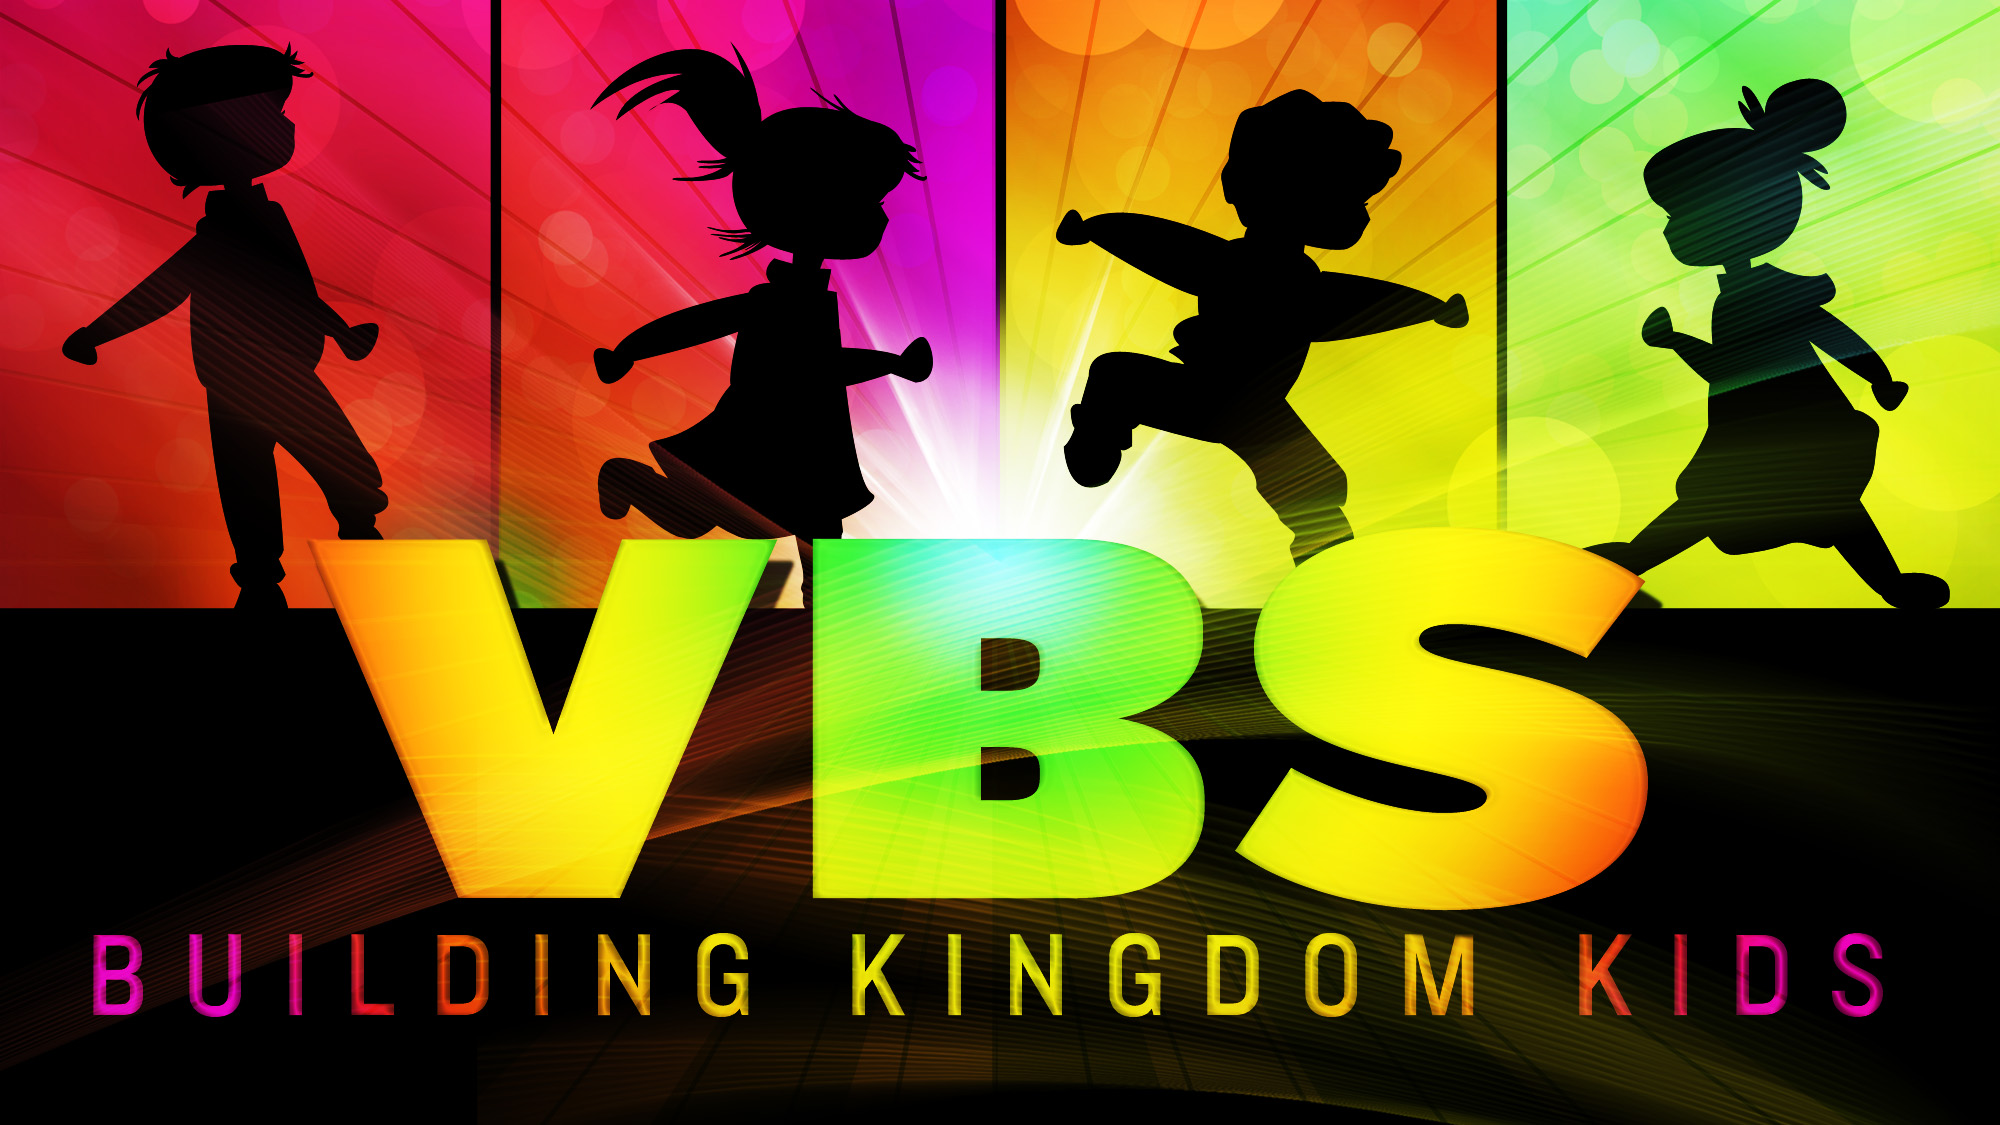 vbs_wide_t.jpg